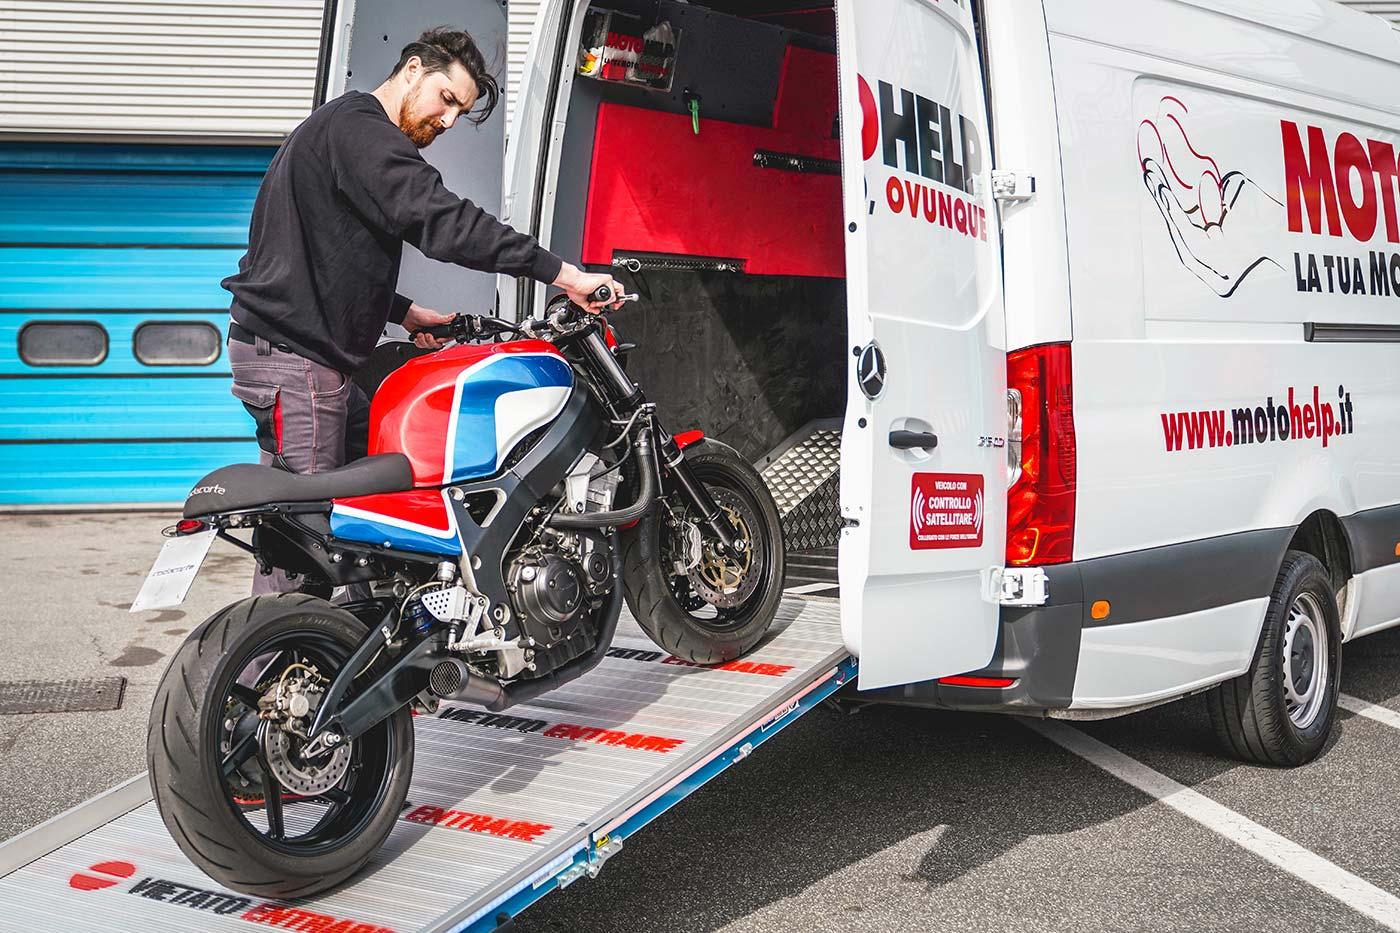 Motohelp - servizio di trasporto moto